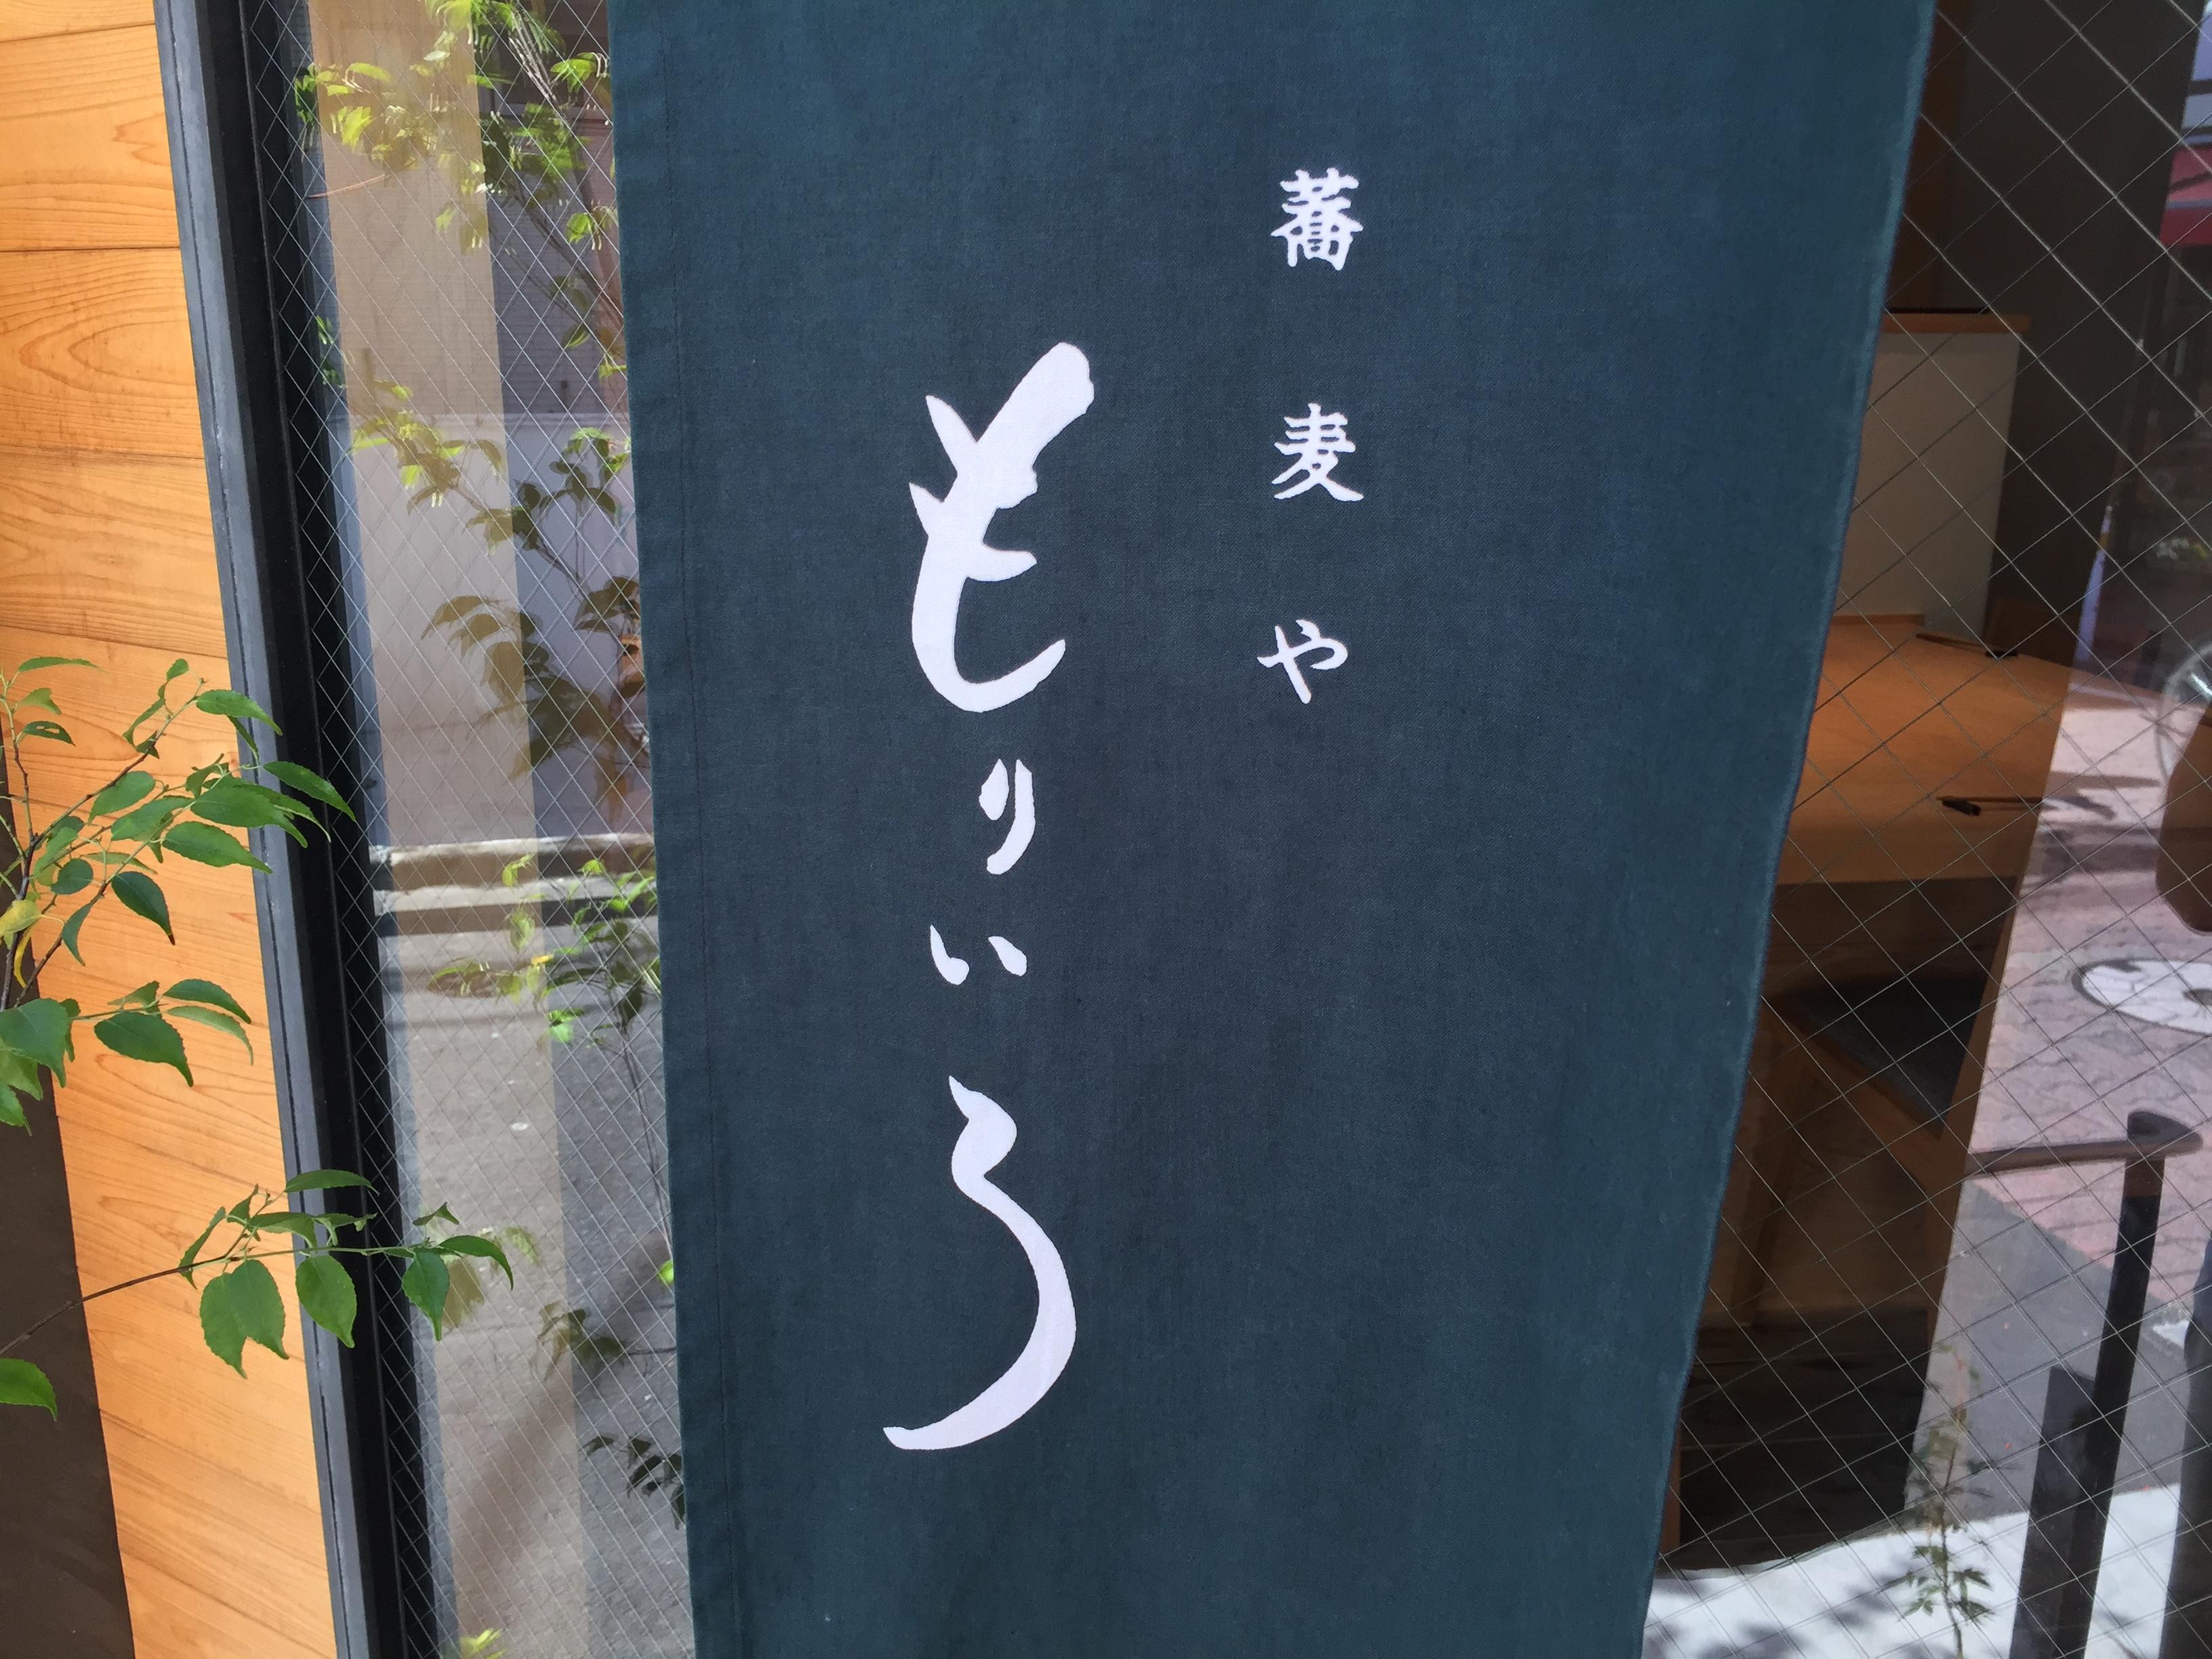 蕎麦や・もりいろ・大田区の新鋭店で確かな蕎麦を頂く。